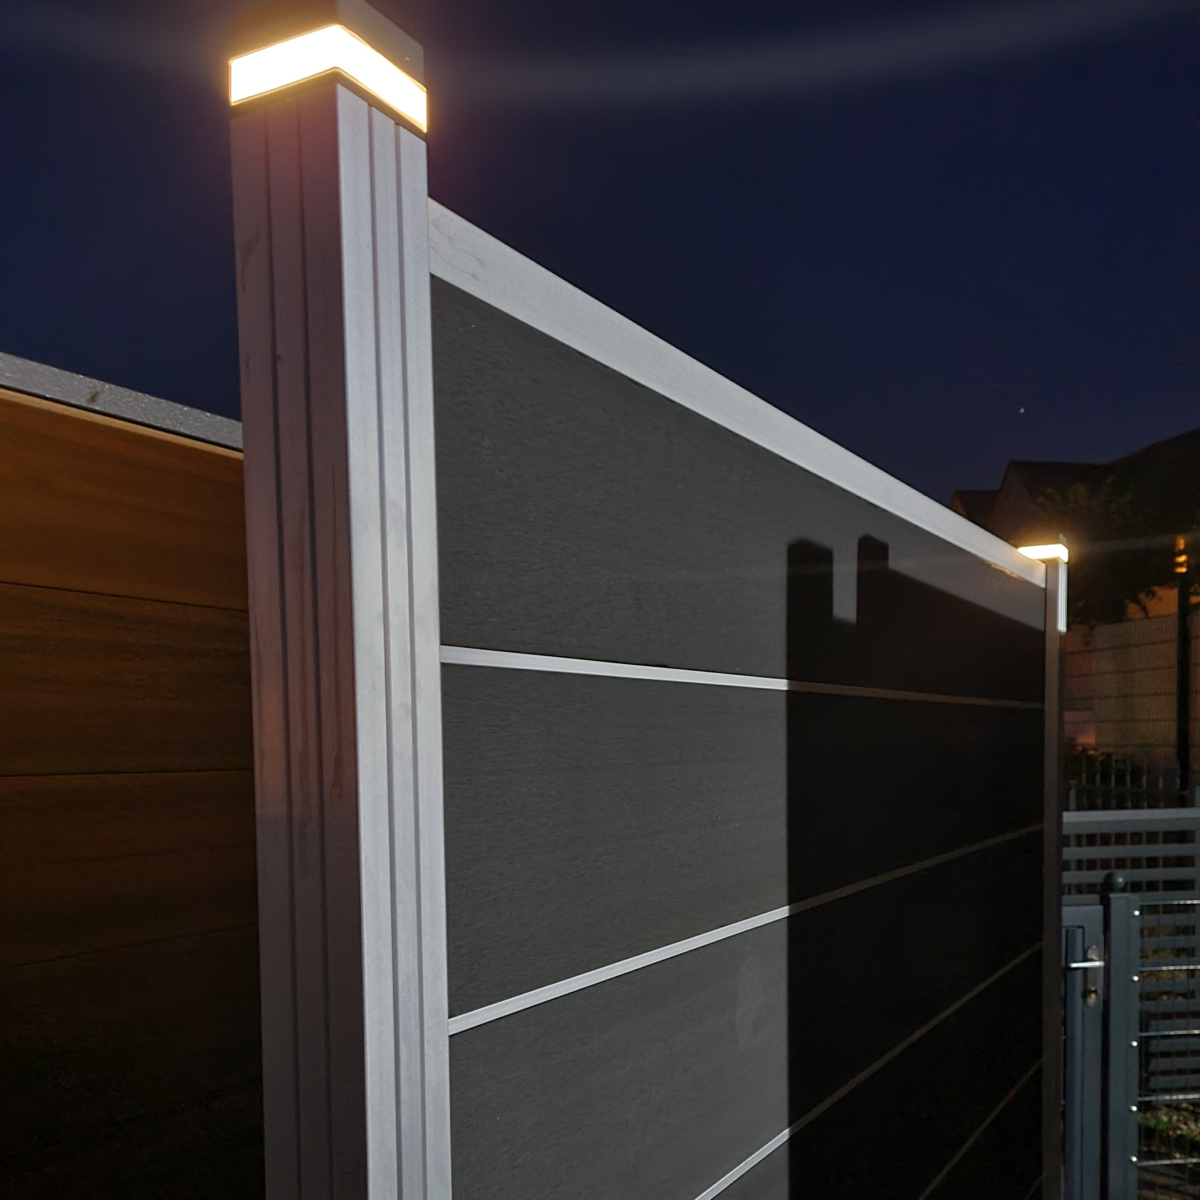 Color : White Lighting Solarpfostenkappen Licht Zaun Lampe Landschaft Licht-Garten-Pfostenkappe Leuchte Au/ßen Weg Deck Platz Dekor-Nachttischlampe 3,5x3,5 Holz Beitr/äge Schwarz